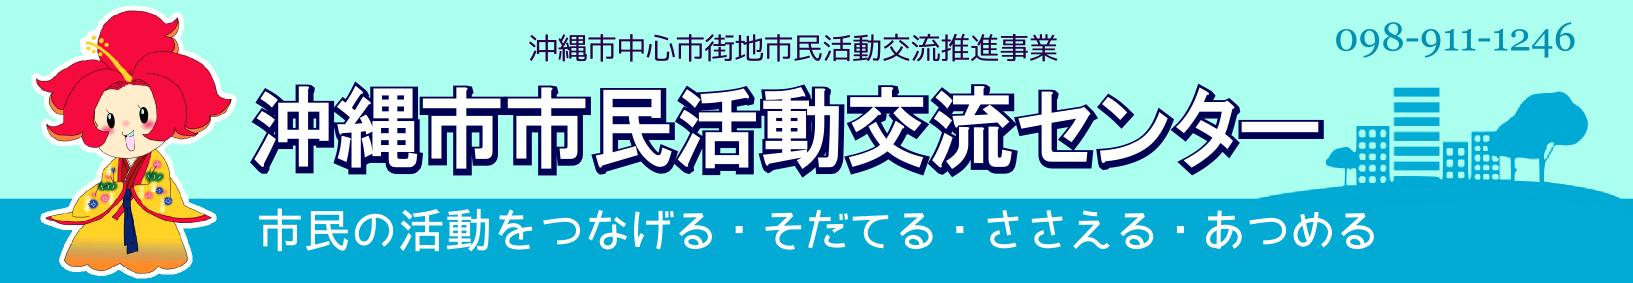 沖縄市市民活動交流センター イメージ画像